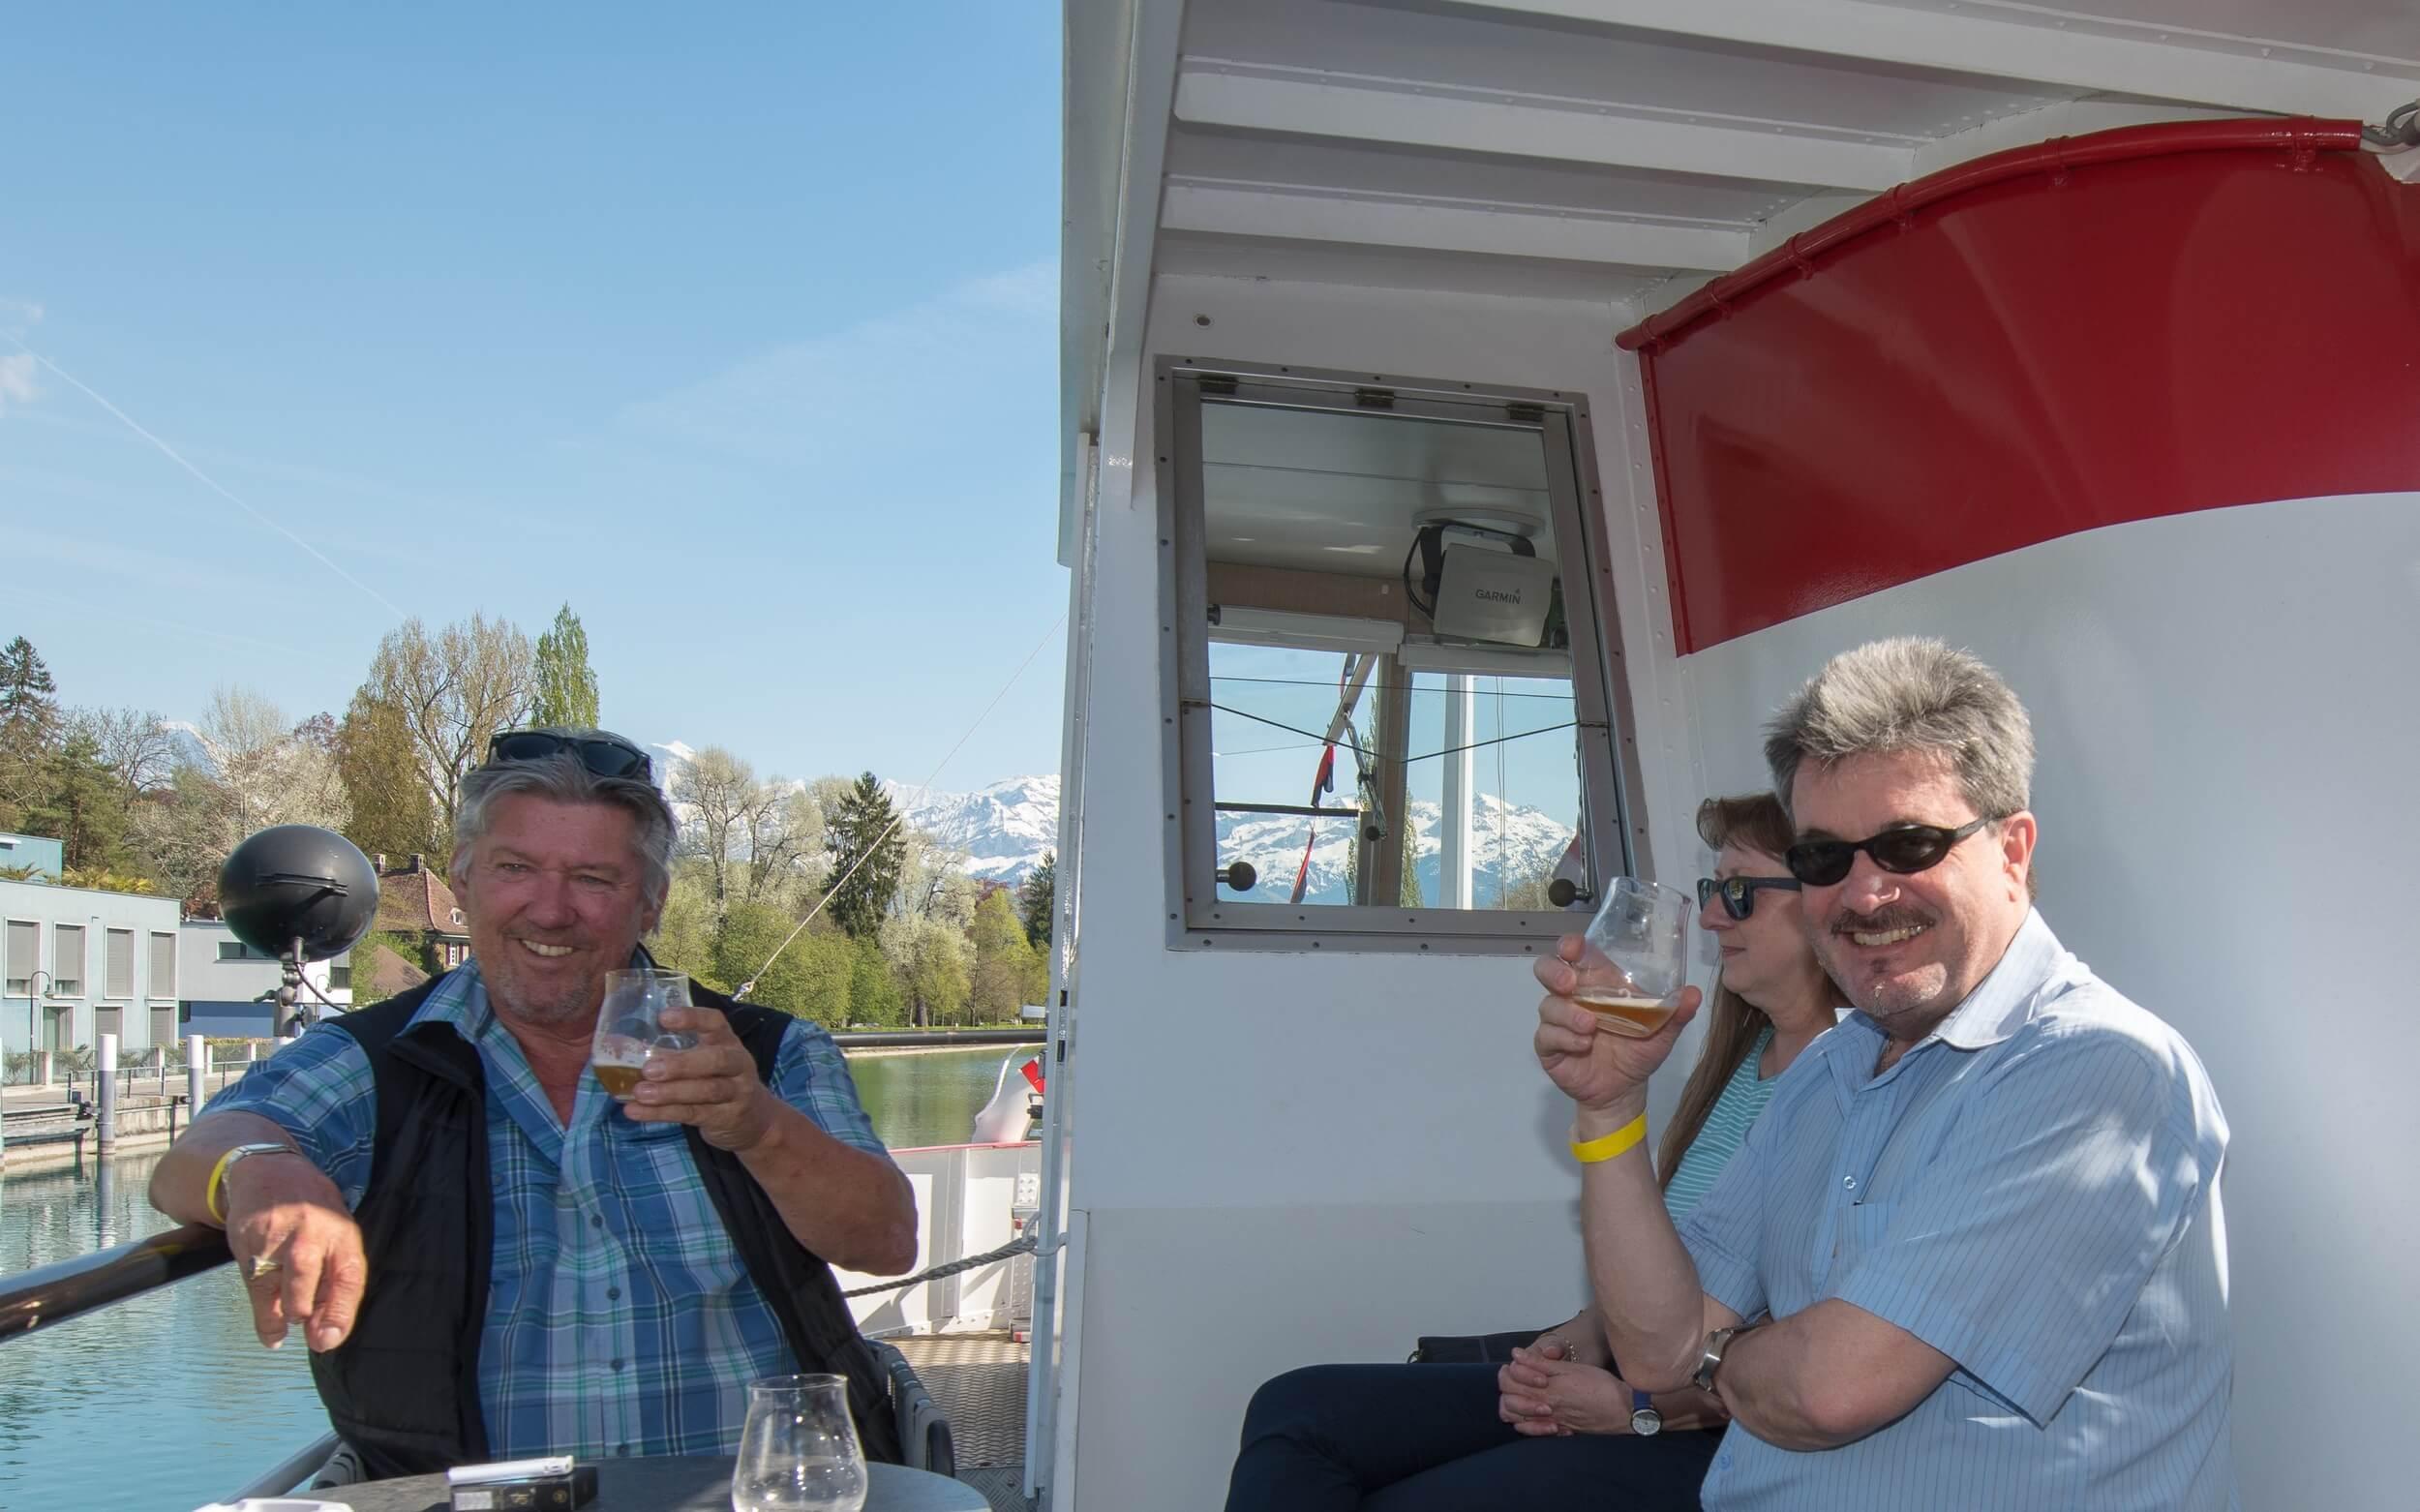 verein_thunersee_bierschiff-2018-0016